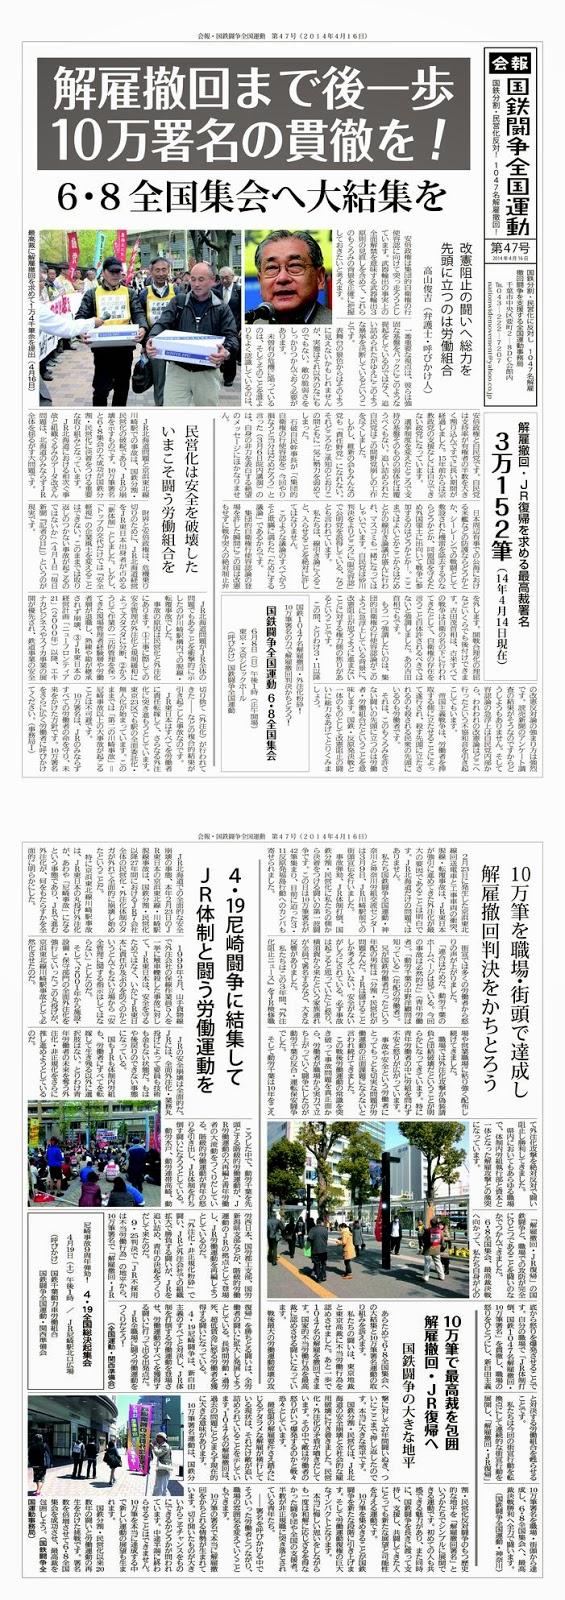 http://www.doro-chiba.org/z-undou/pdf/news_47.pdf